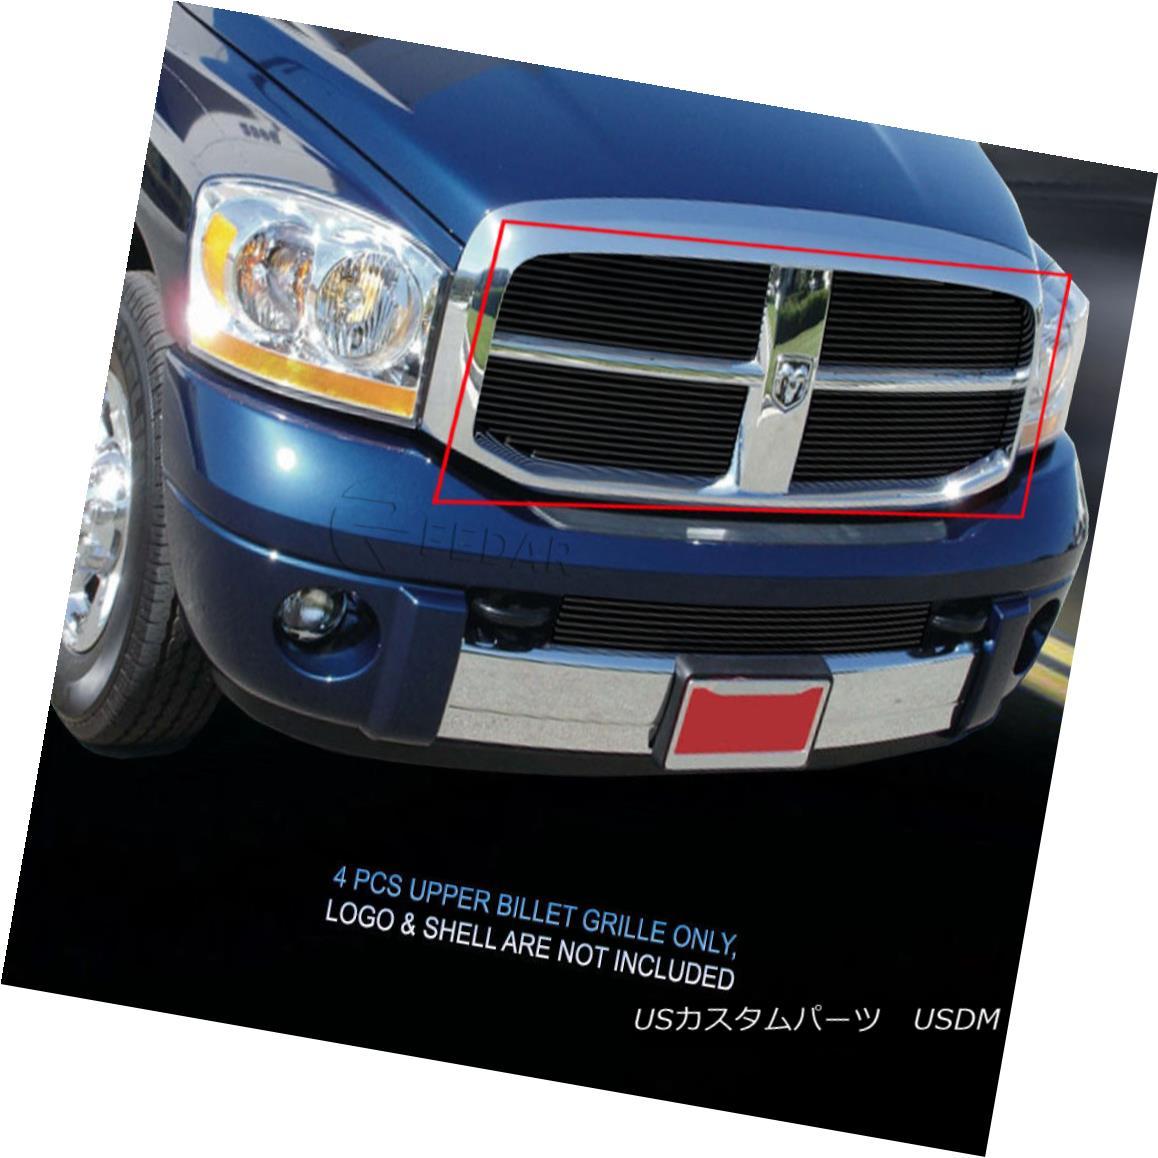 グリル 06 07 08 Dodge Ram Sport Black Billet Grille Upper Grill Insert 4 Pcs Fedar 06 07 08ダッジラムスポーツブラックビレットグリルアッパーグリルインサート4個入りFedar